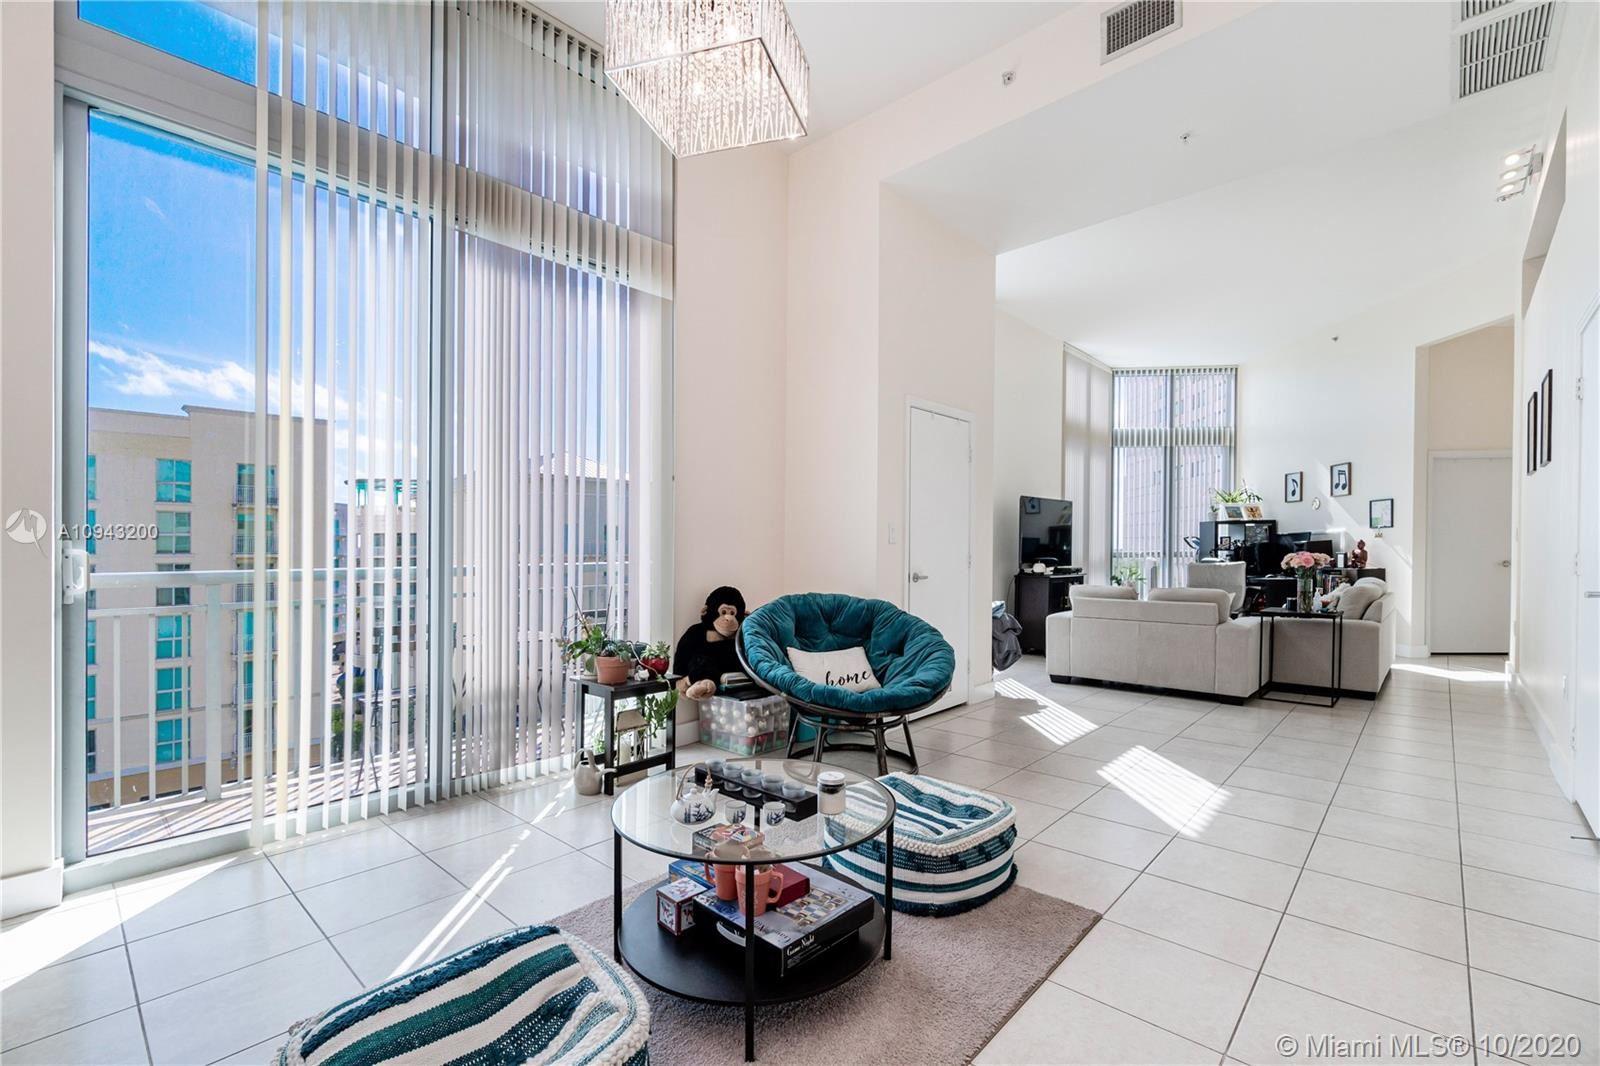 9055 SW 73rd Ct #506, Miami, FL 33156 - #: A10943200